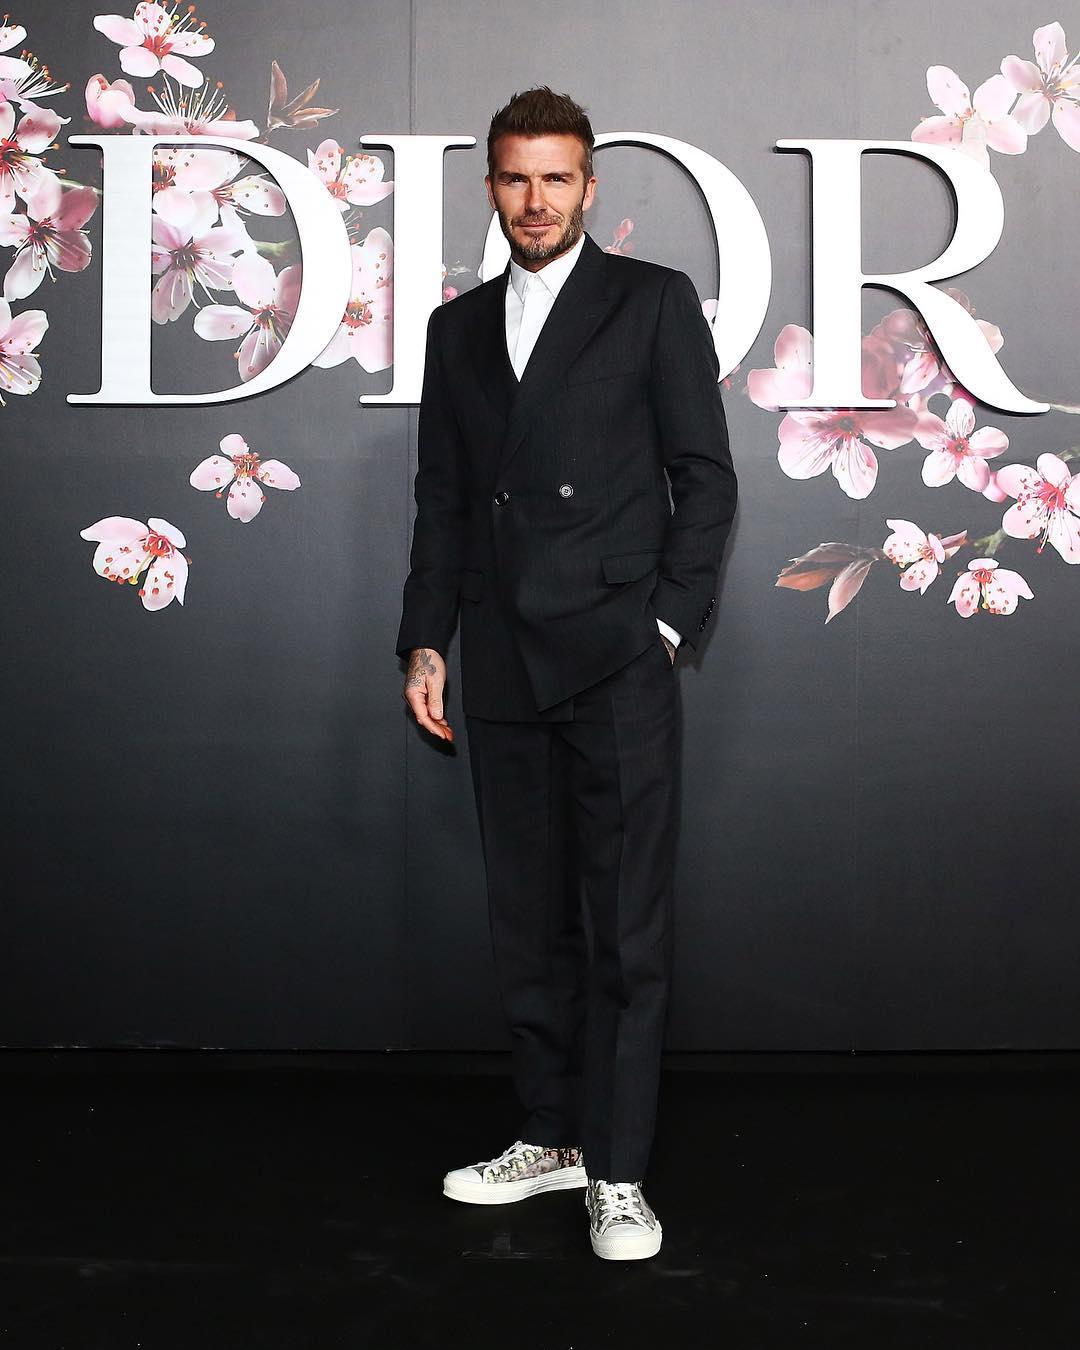 David Beckham xuất hiện với phong cách đơn giản của trường phái casual nhưng vẫn tạo được sức hút. Ảnh: Dior